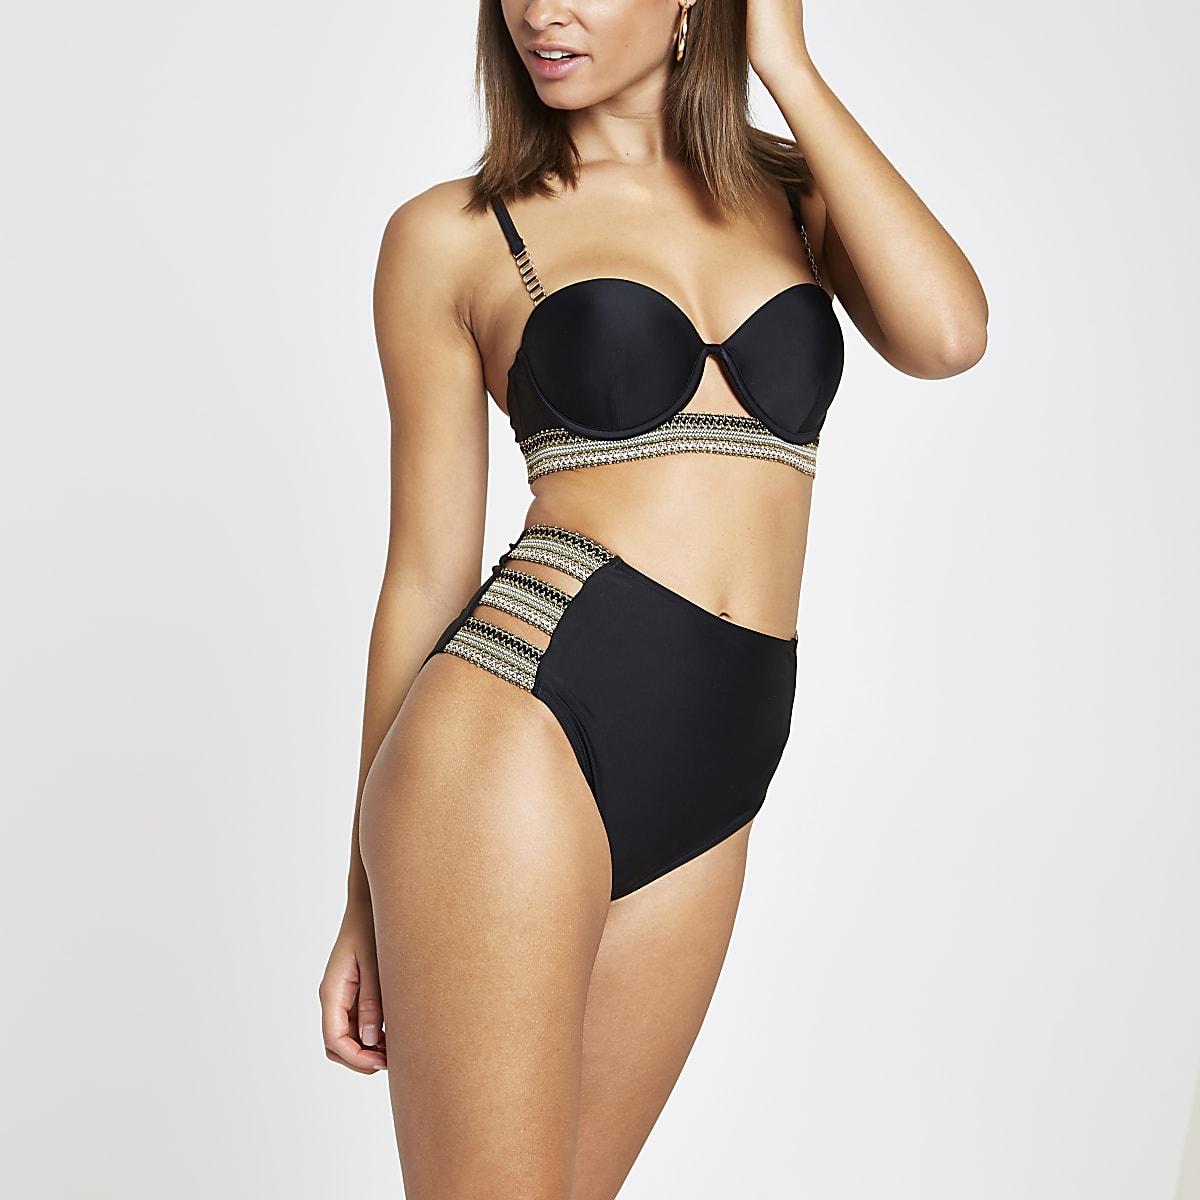 Black side strap high waist bikini bottoms